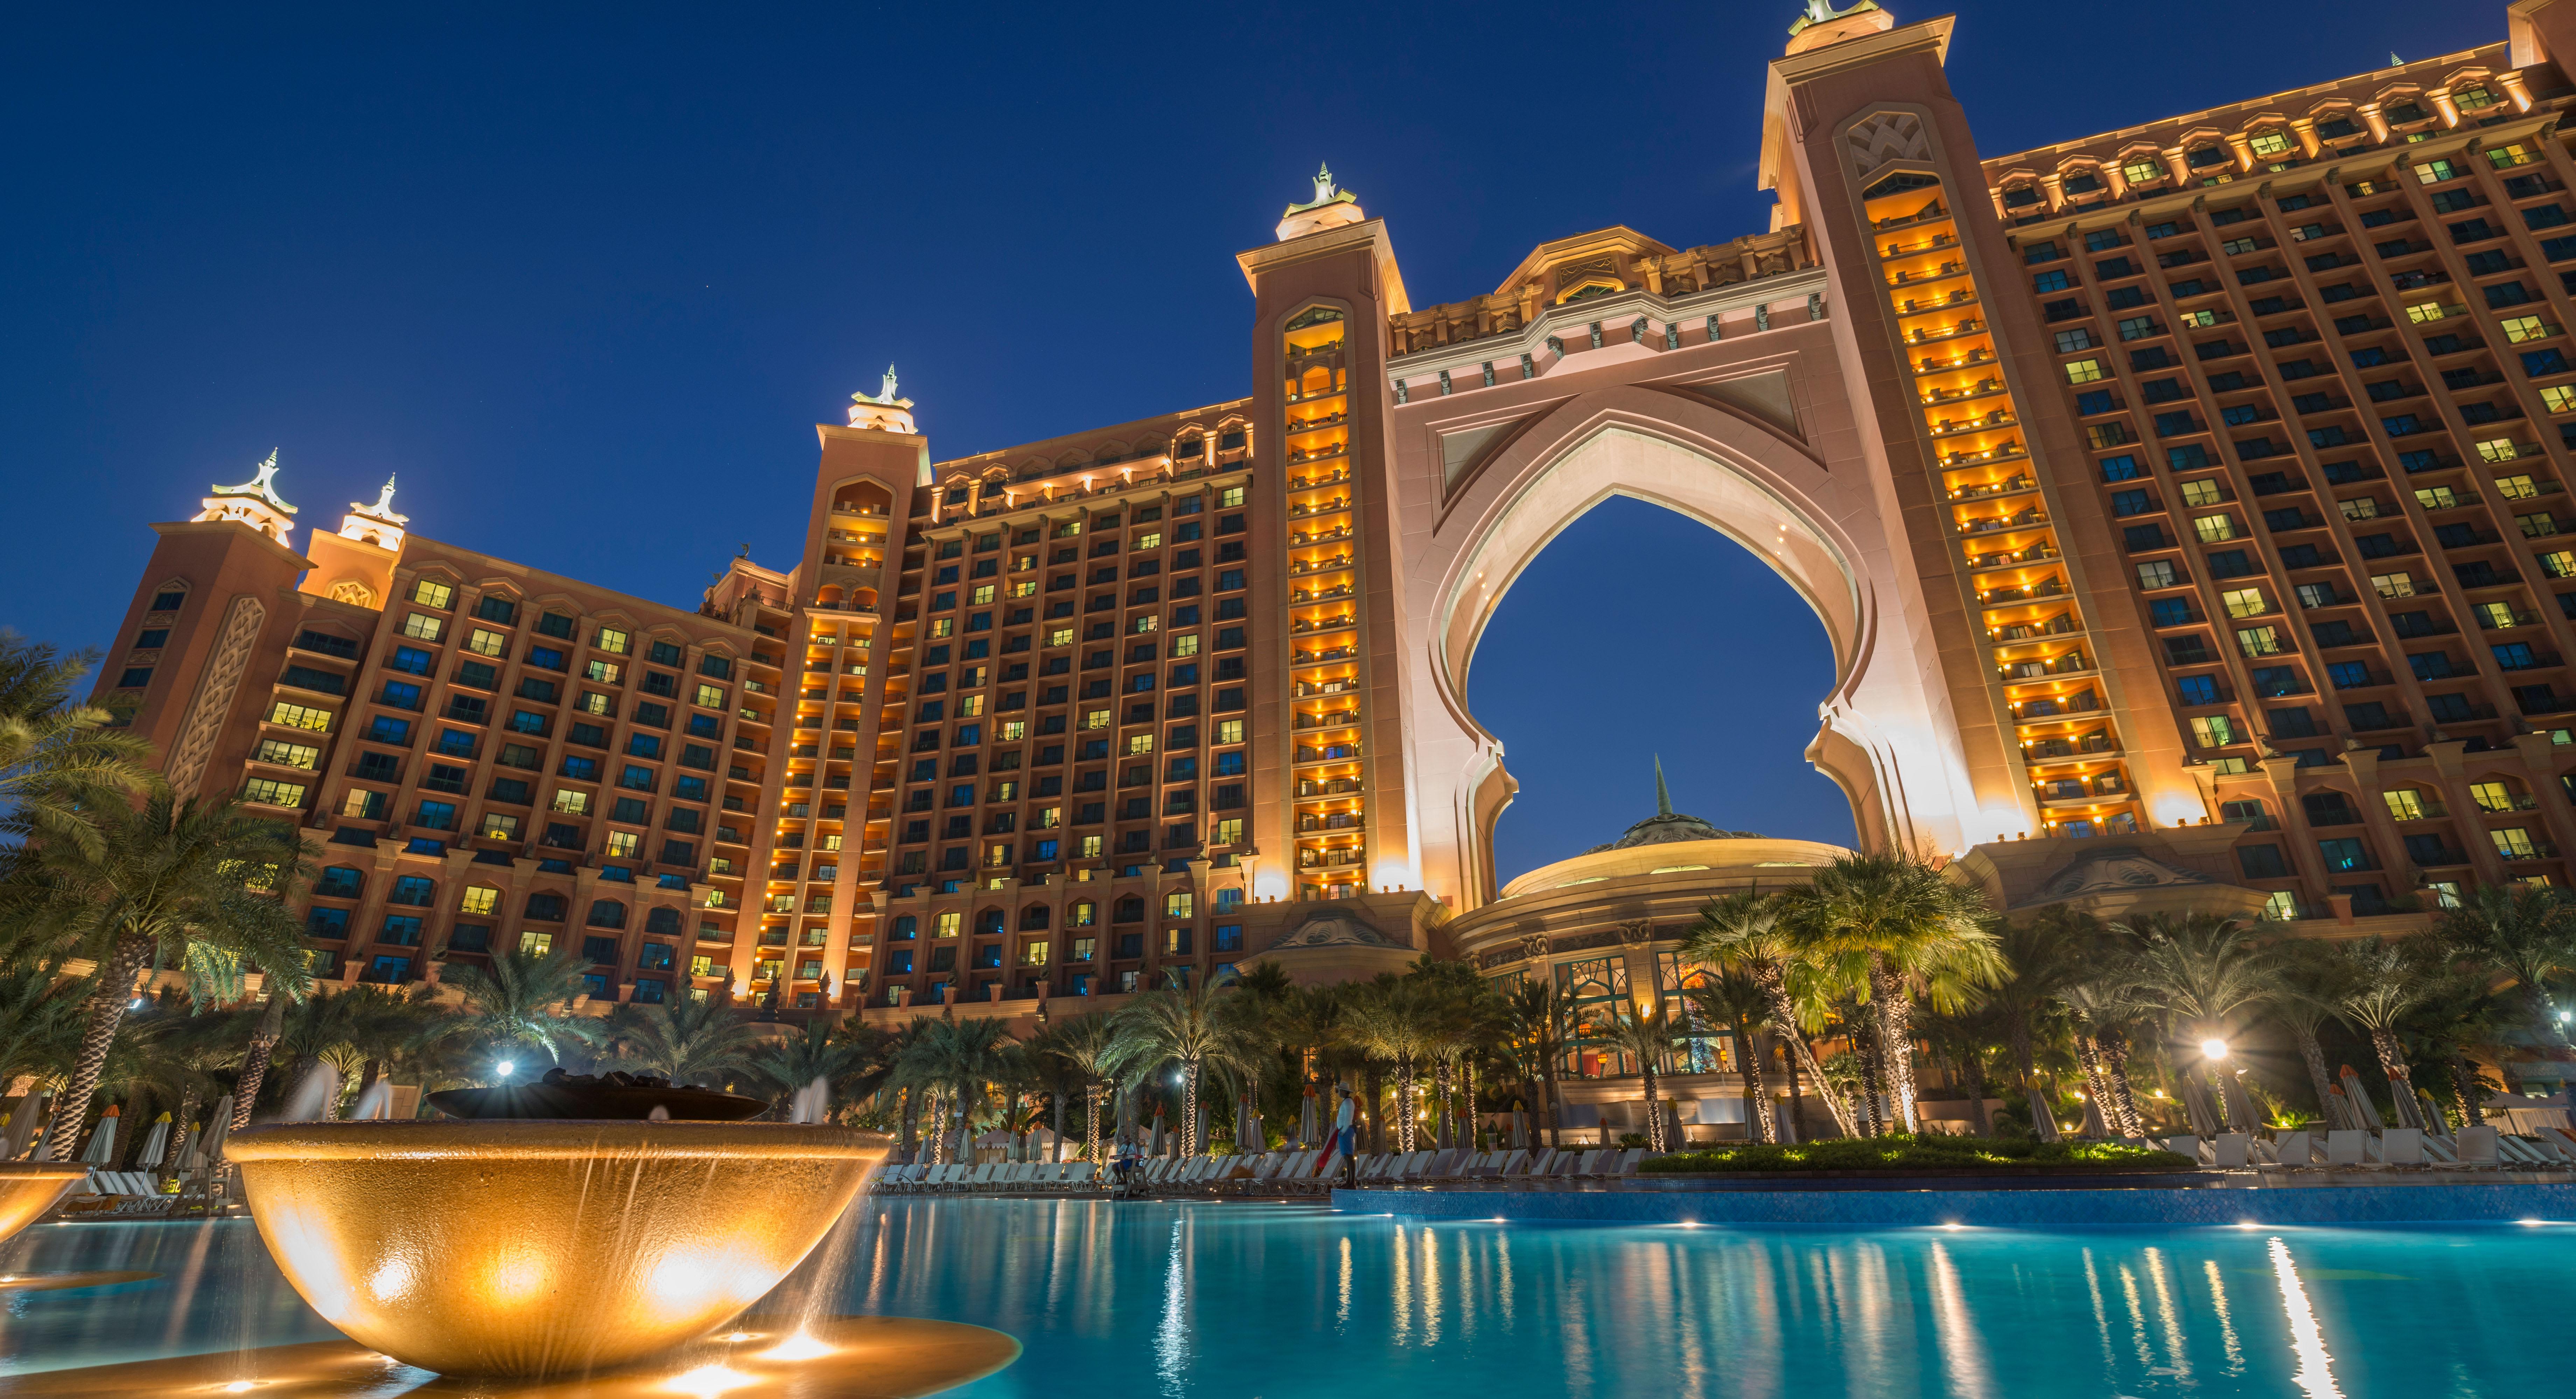 Atlantis the Palm Dubai at night lit up